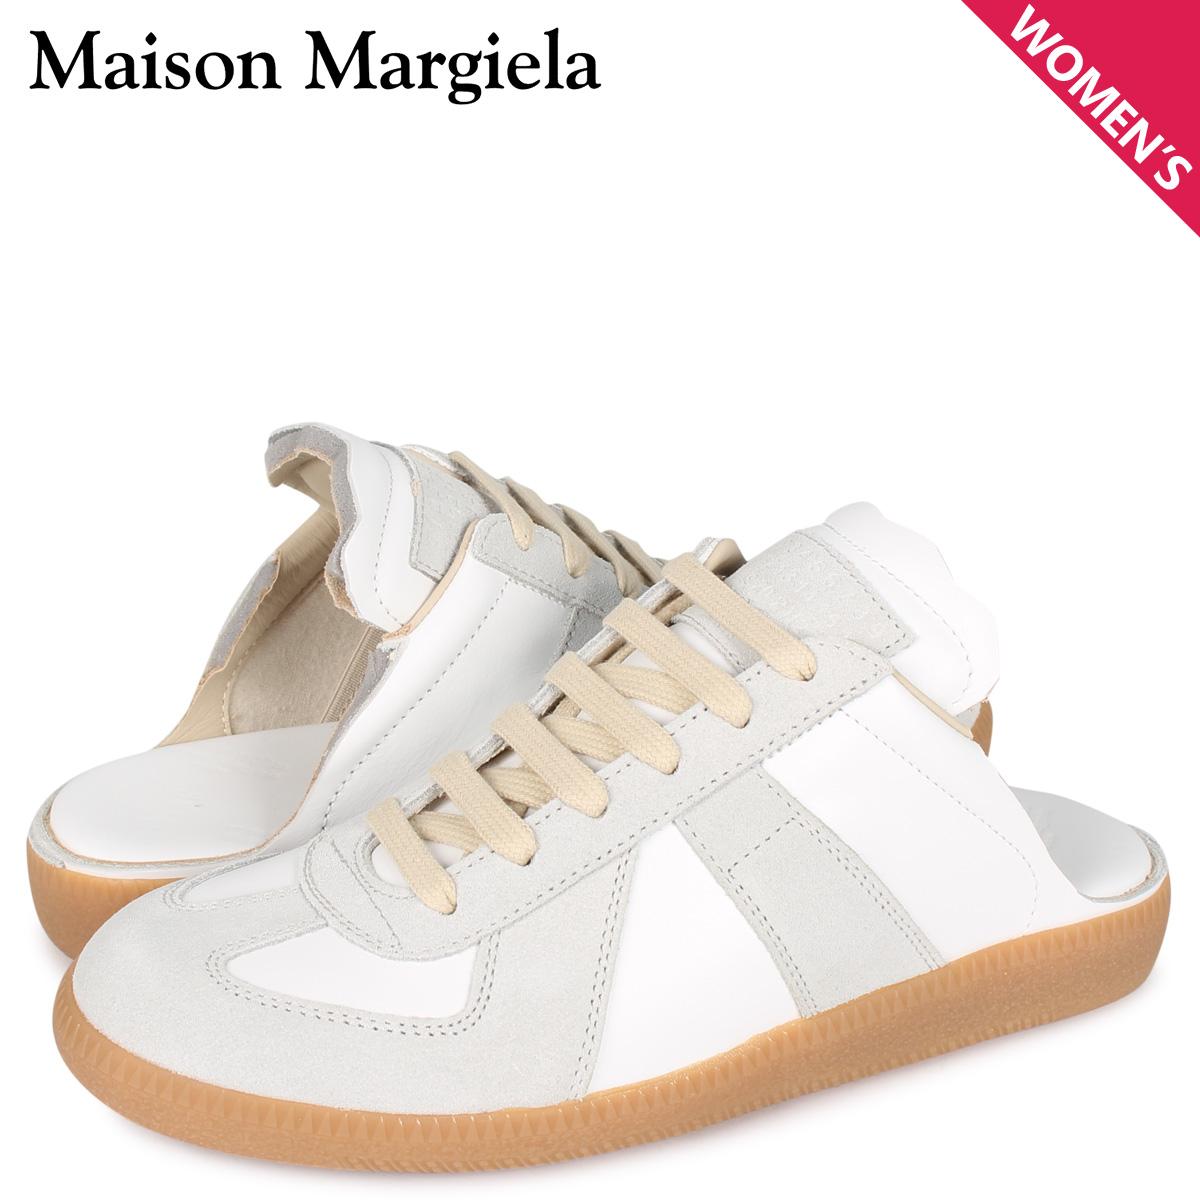 メゾンマルジェラ MAISON MARGIELA レプリカ スニーカー スリッポン レディース REPLICA ホワイト 白 S58WS0107 [4/6 新入荷]